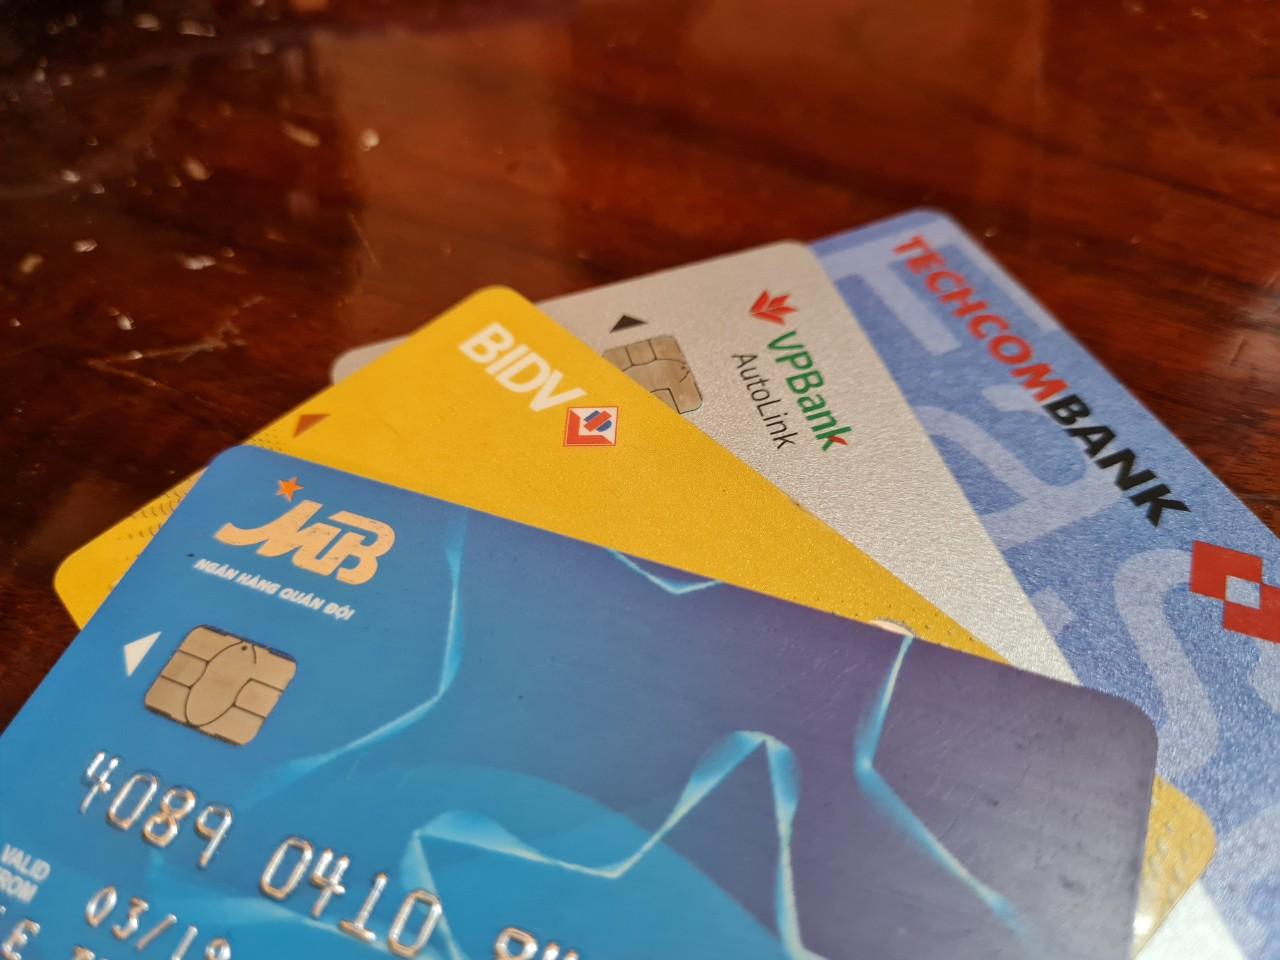 Khách vay qua thẻ tín dụng sắp được giữ nguyên nhóm nợ, miễn giảm phí và lãi - Ảnh 1.